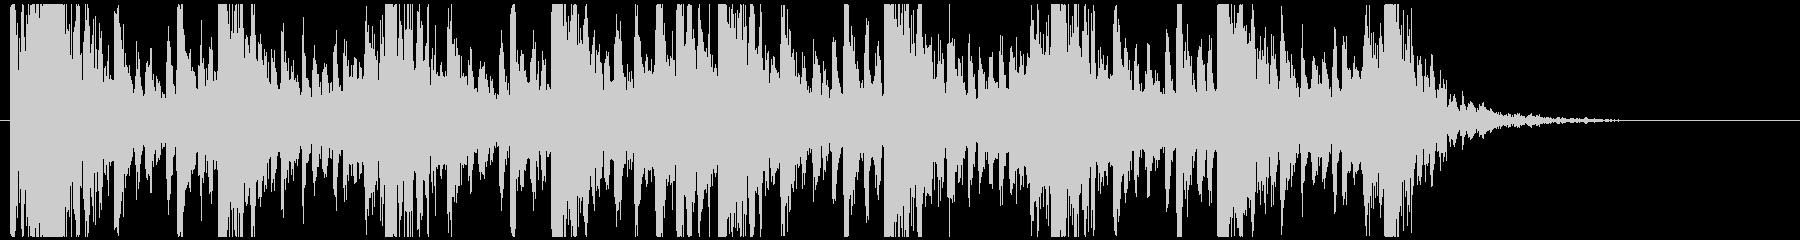 和太鼓のリズム2 残響ありBPM140の未再生の波形